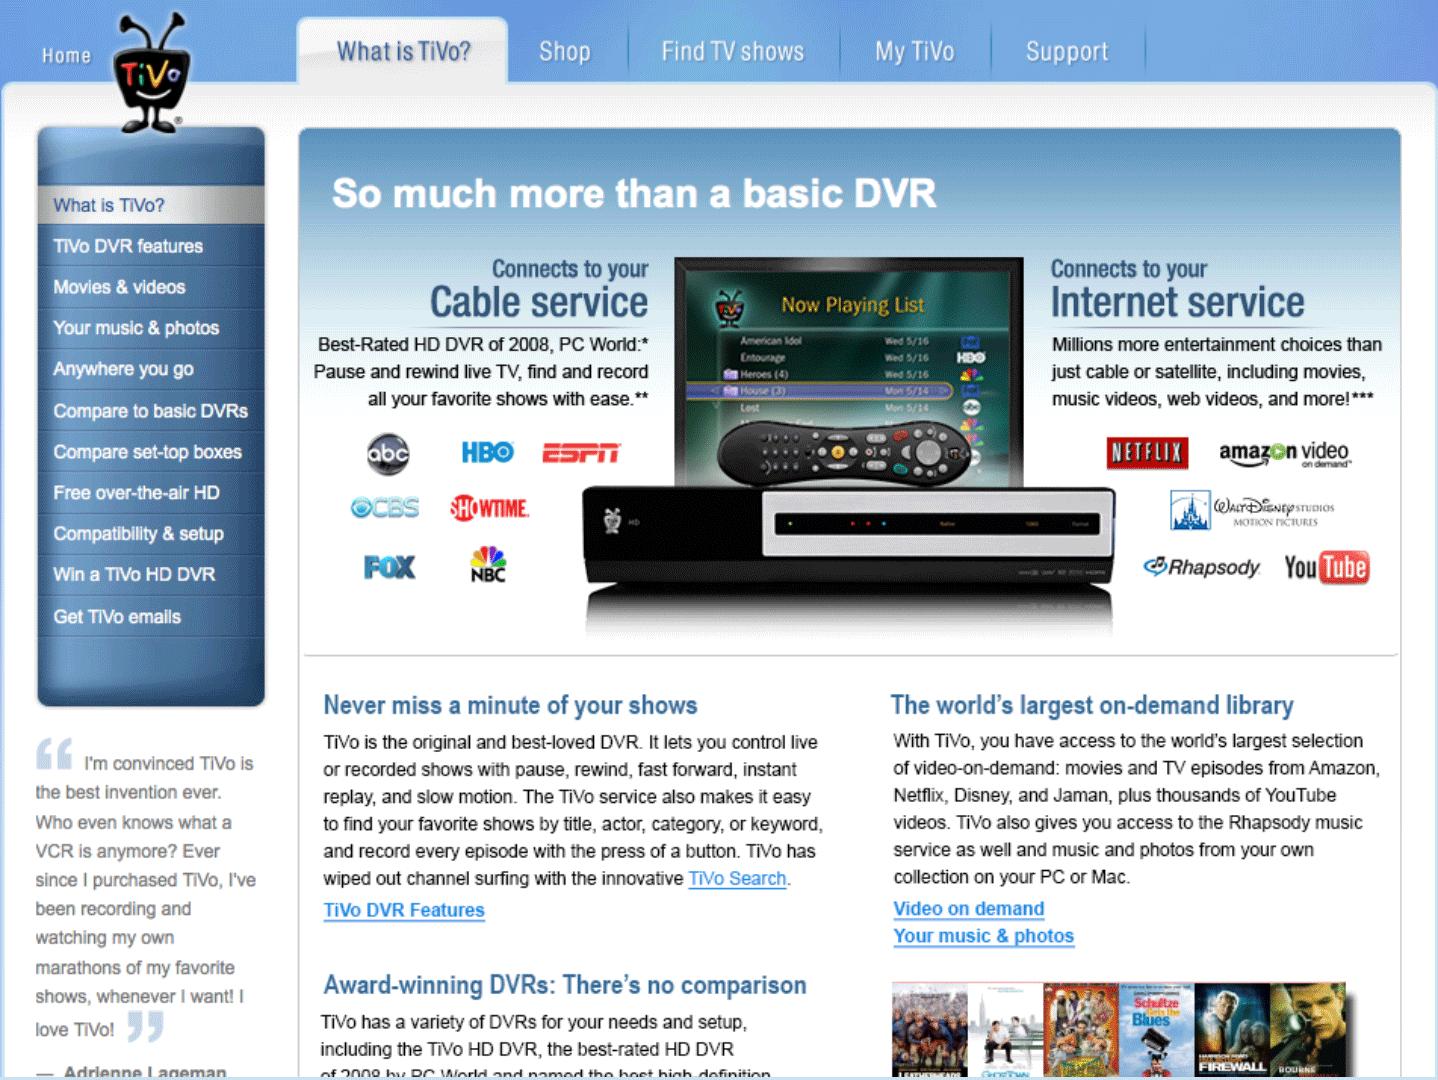 Before TiVo.com Redesign